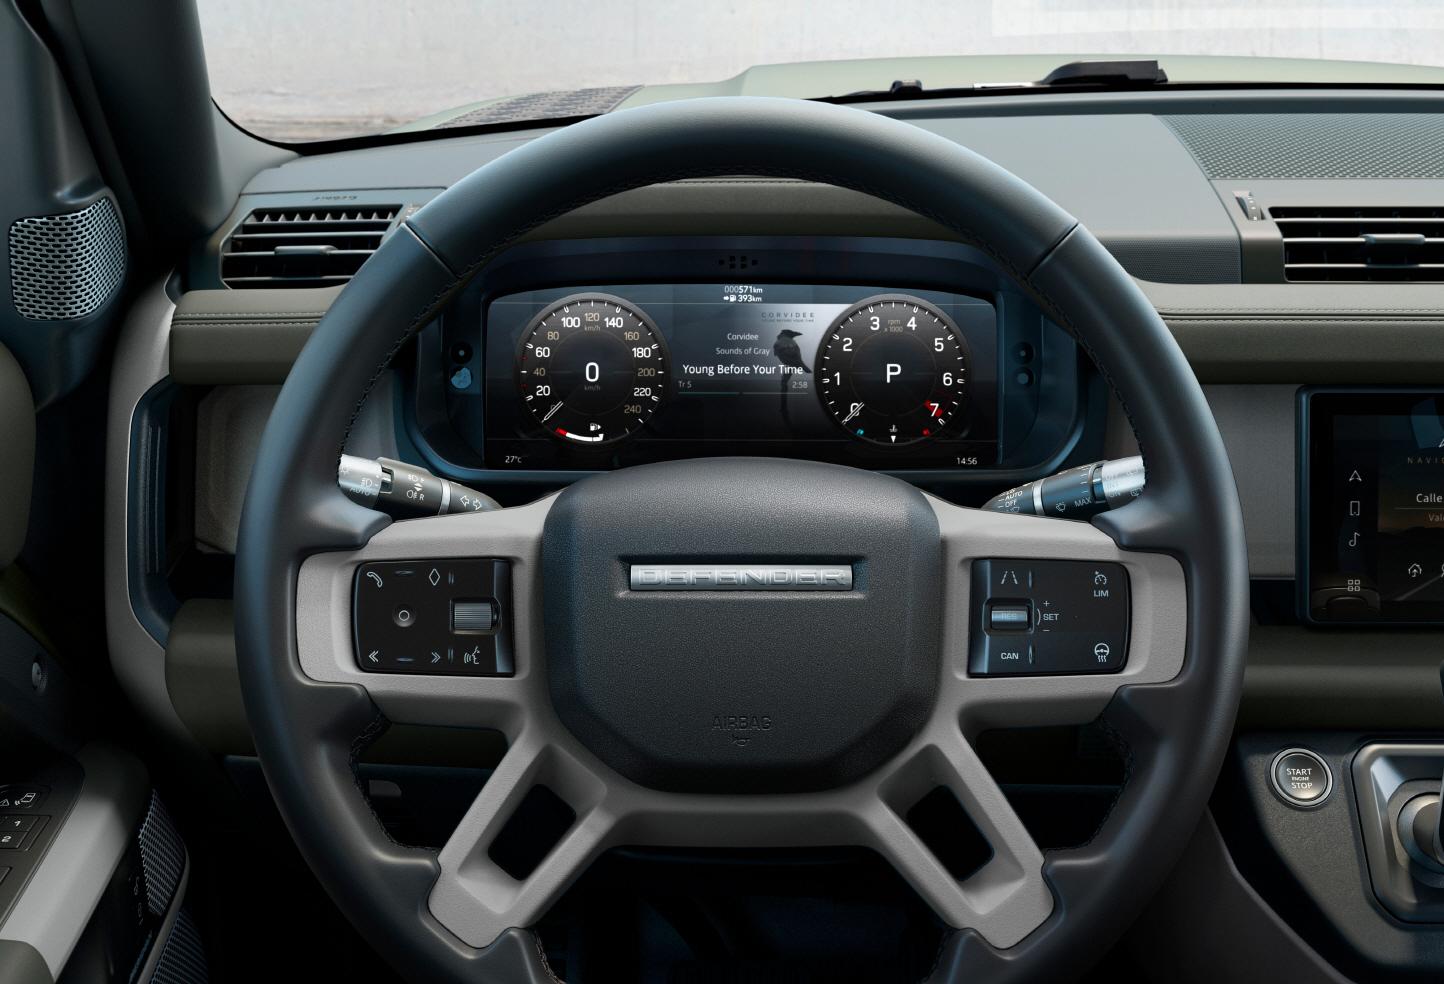 운전석엔 전자식 계기판을 장착했고 반자율주행과 사고예방 등 각종 첨단 운전자보조기능(ADAS)도 지원한다. 사진 재규어랜드로버코리아